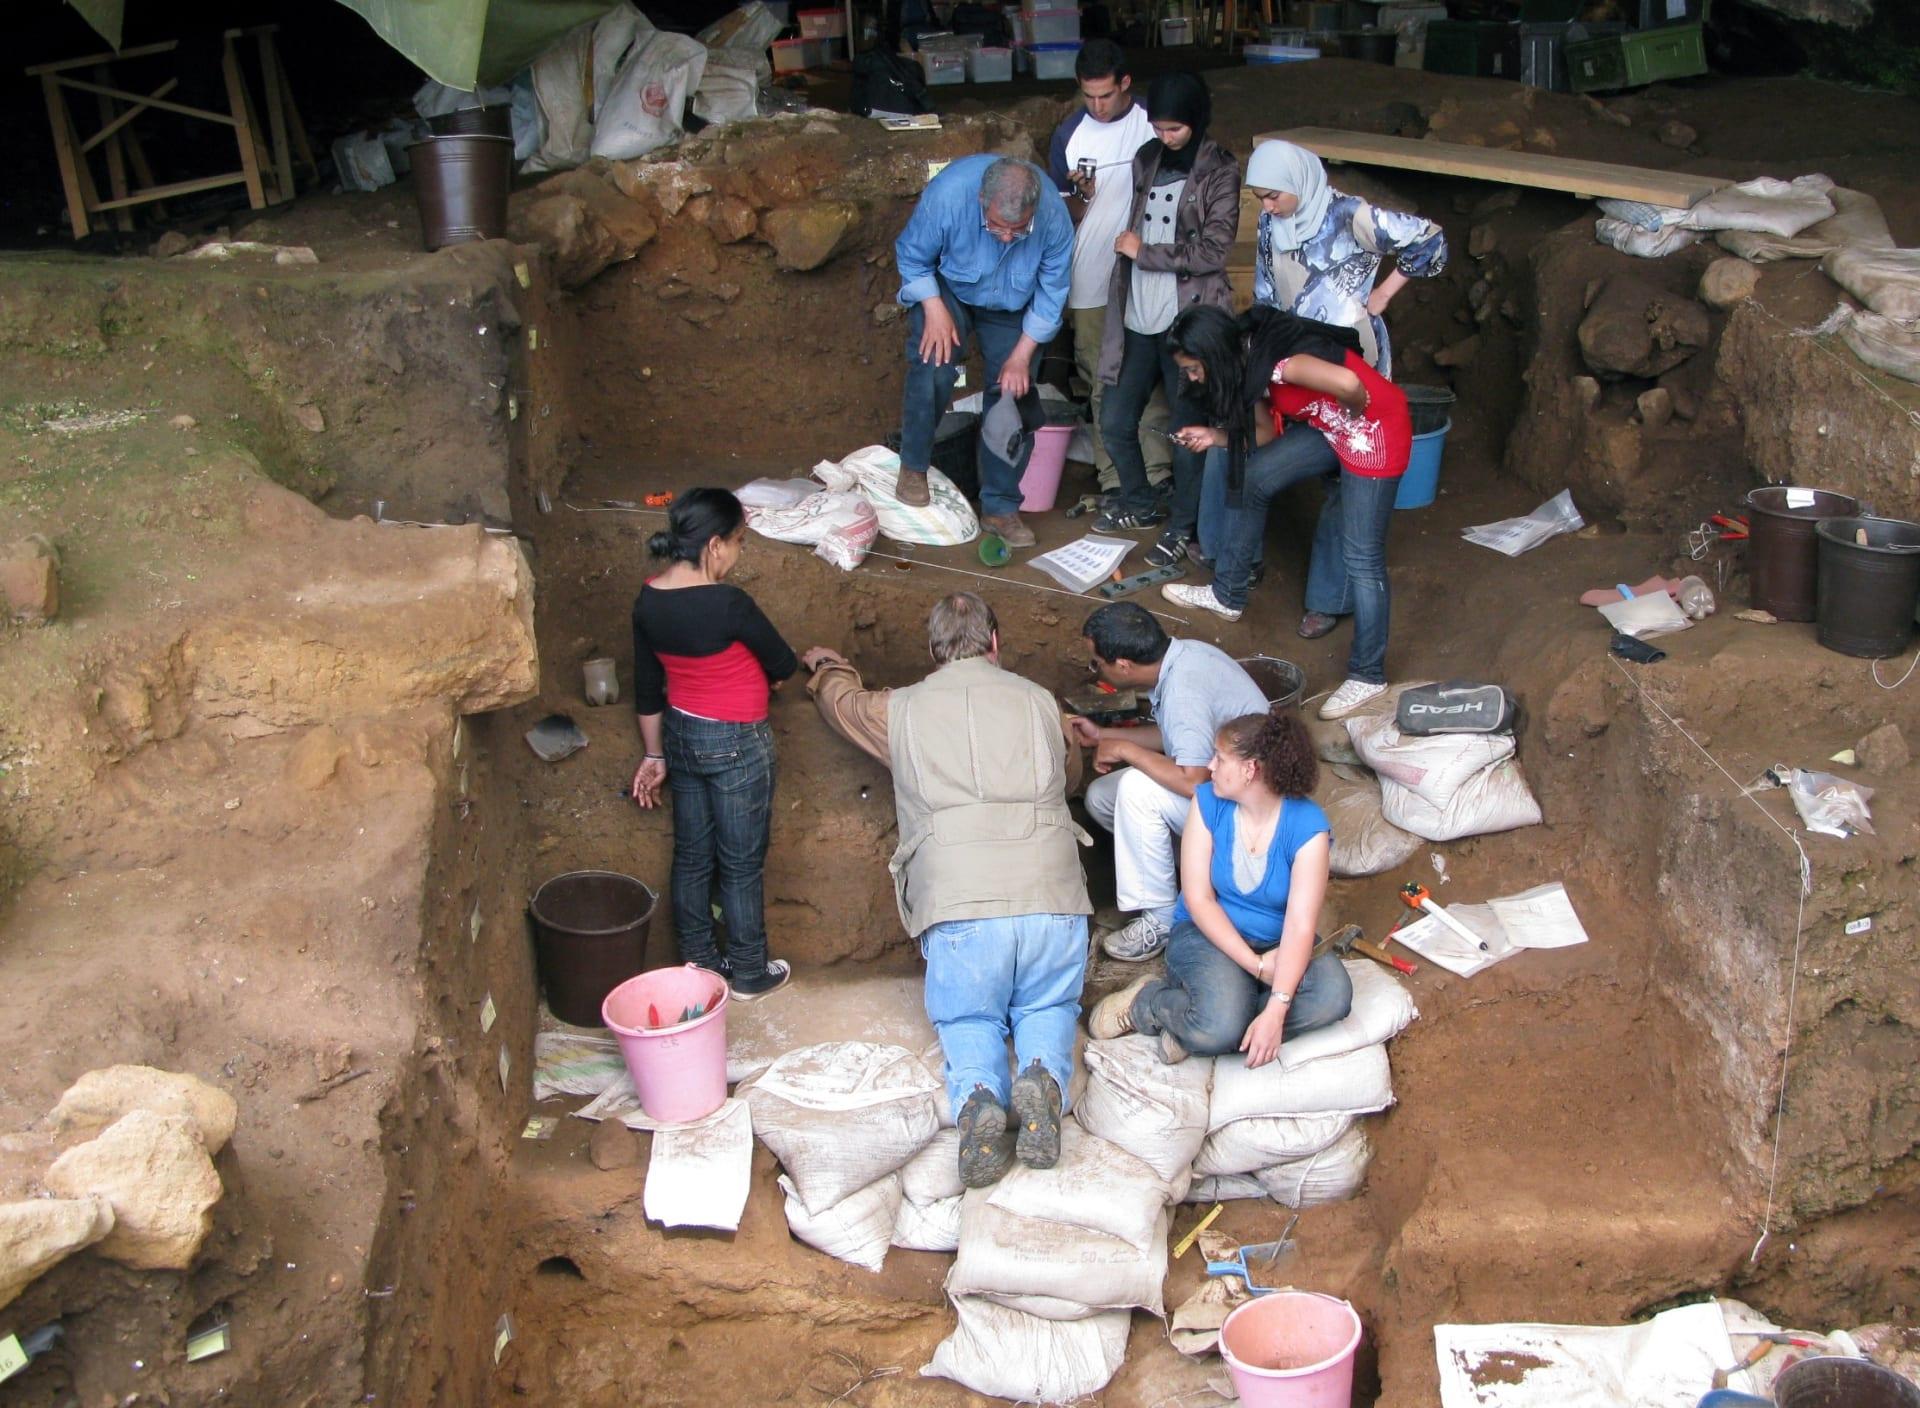 جانب لا يزال مبهما من تاريخ البشرية.. يكشف كهف بالمغرب عن أقدم دليل لصناعة البشر للملابس